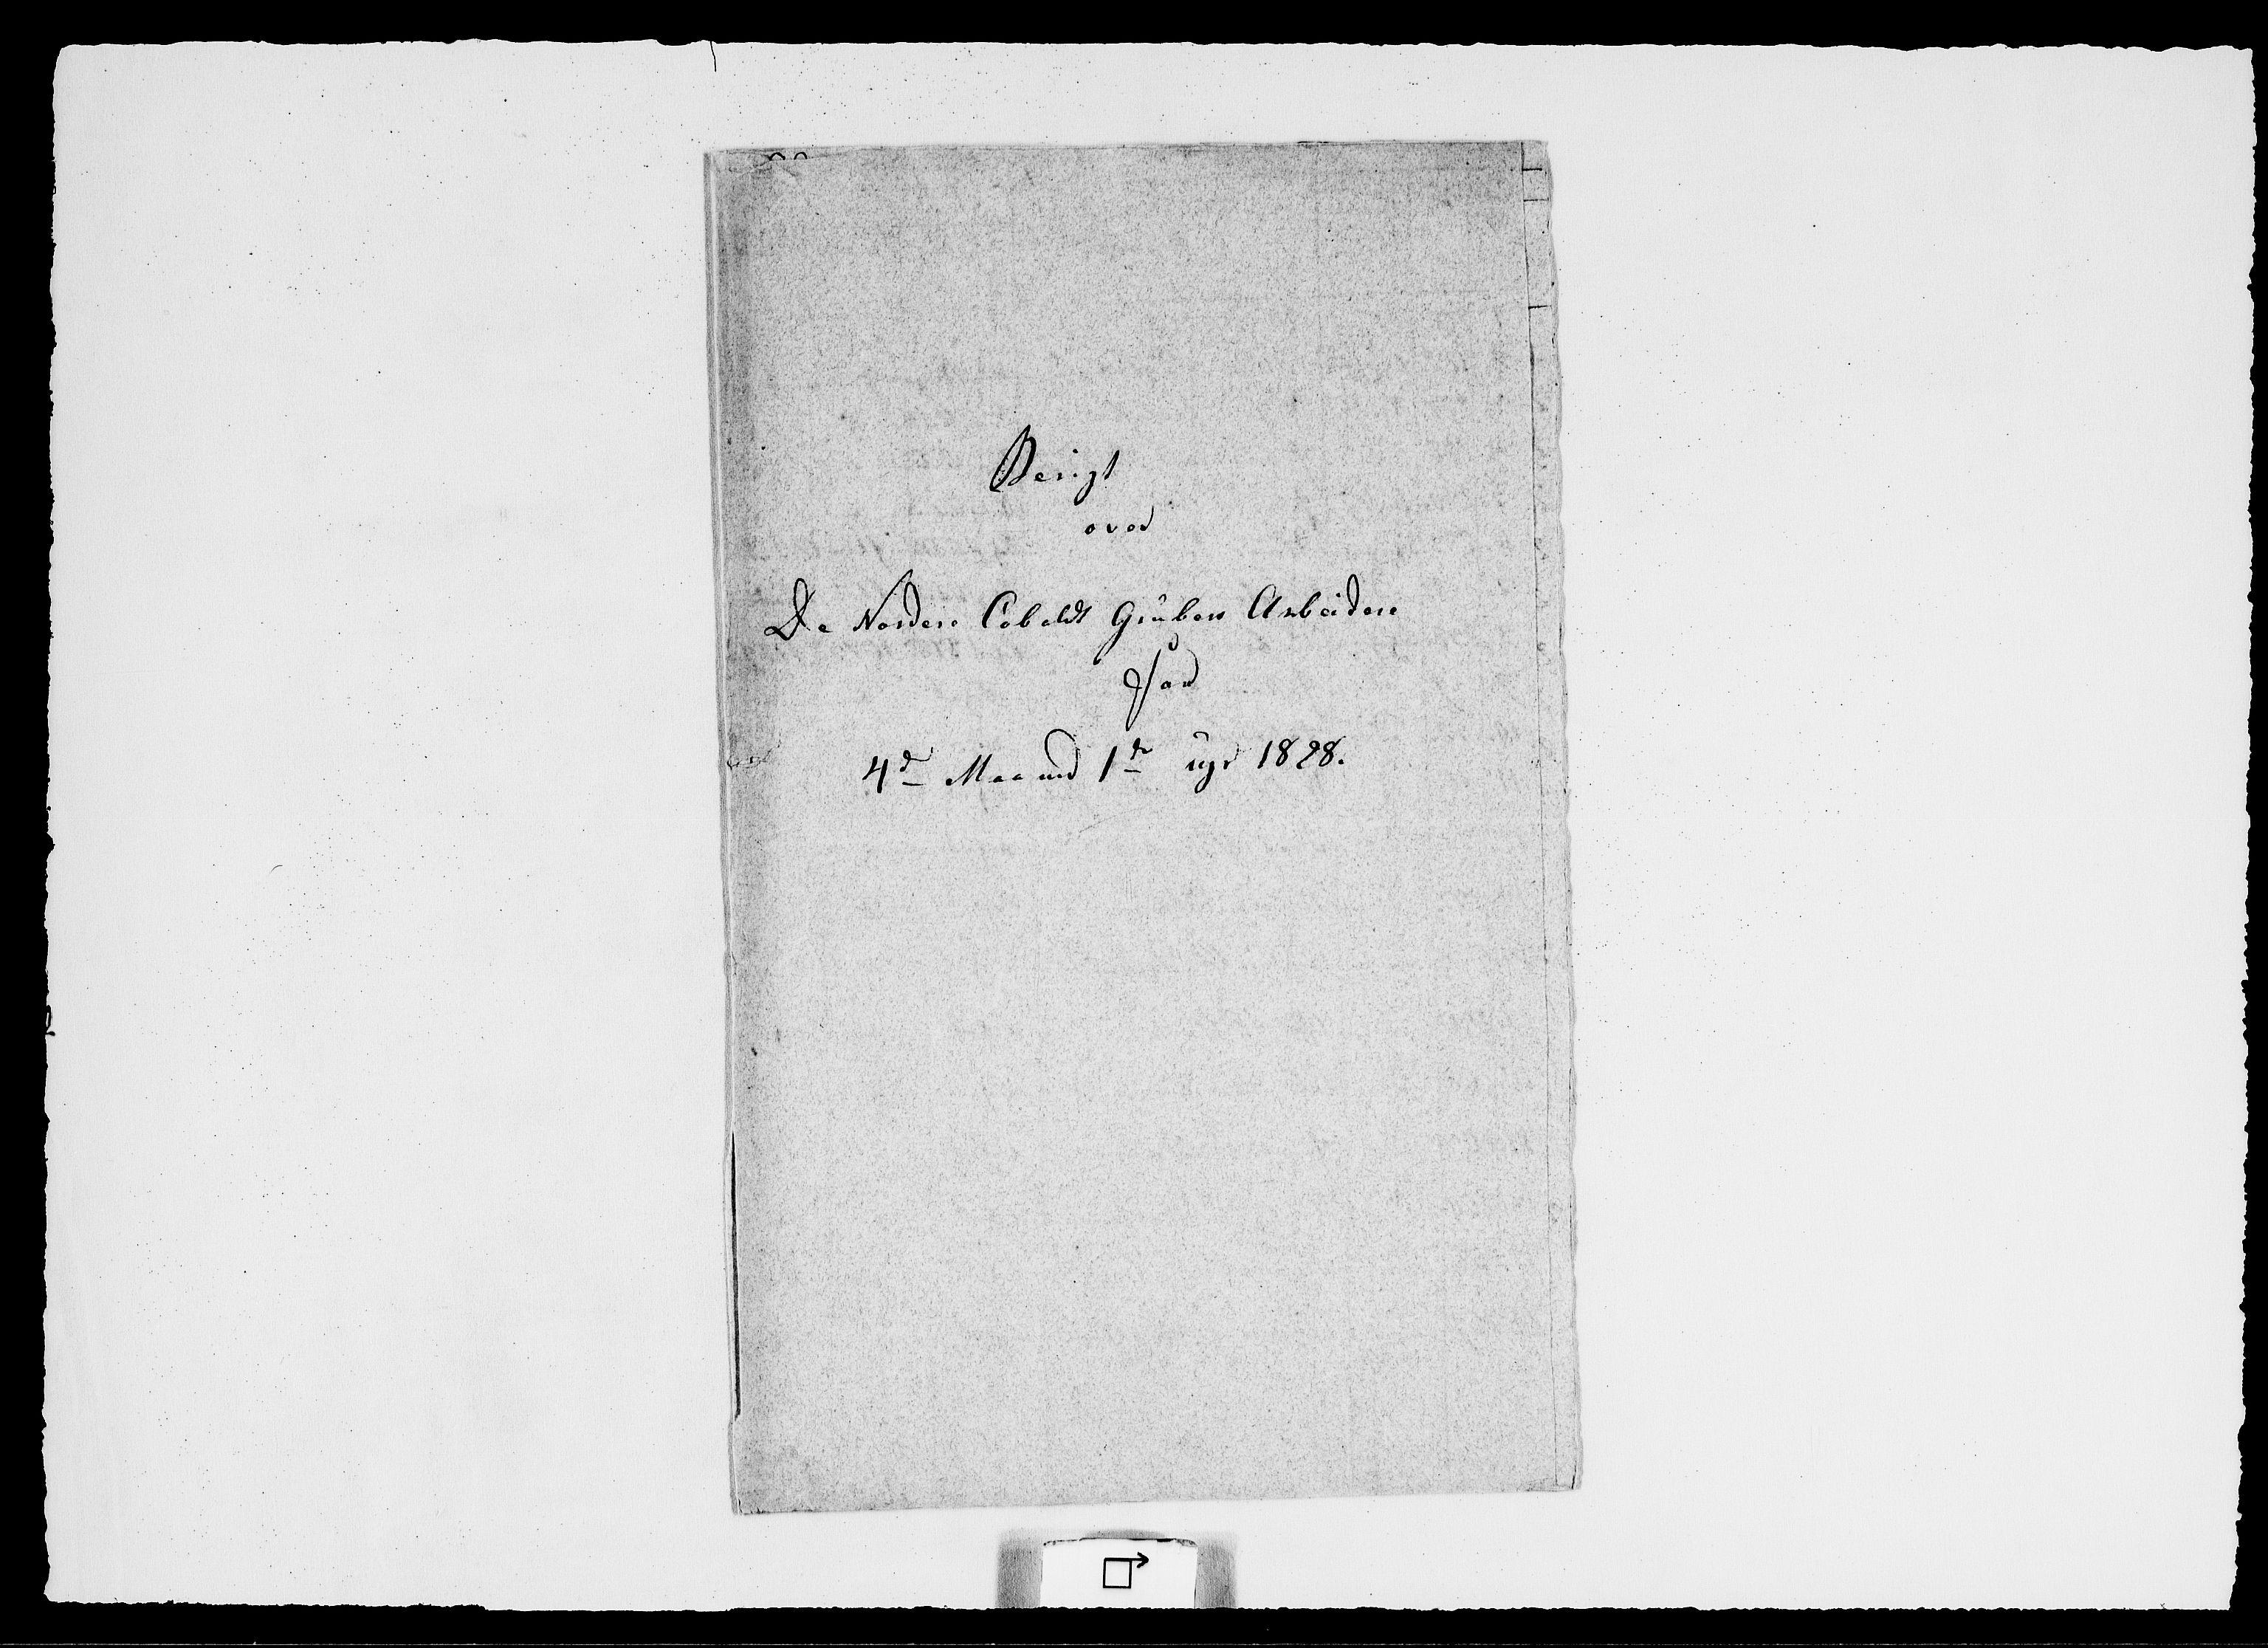 RA, Modums Blaafarveværk, G/Ge/L0331, 1828, s. 2